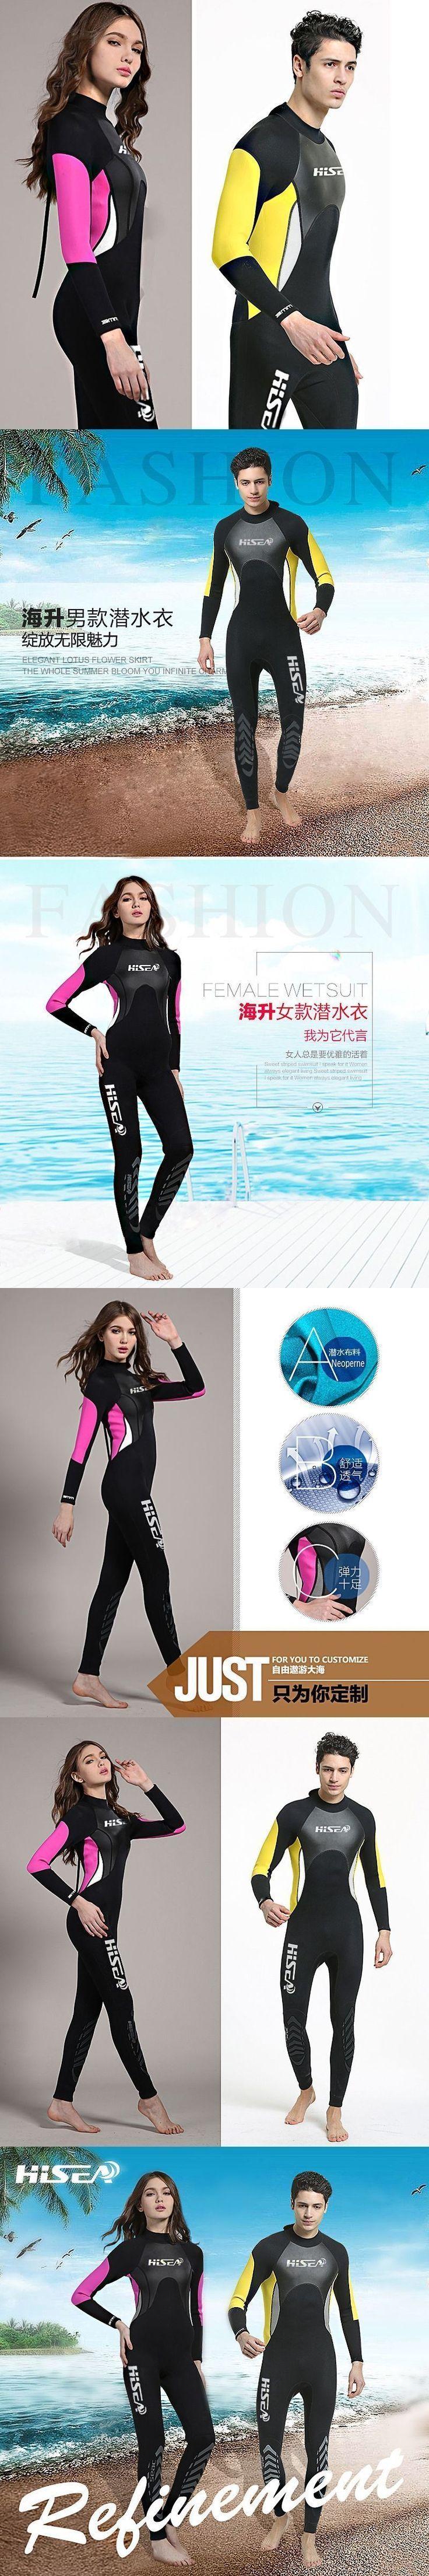 3mm Neoprene Wetsuit Men Women Swimsuit Equipment For Diving Scuba Swimming Surfing Spearfishing Suit Triathlon Wetsuits #scubadivingequipmentwetsuit